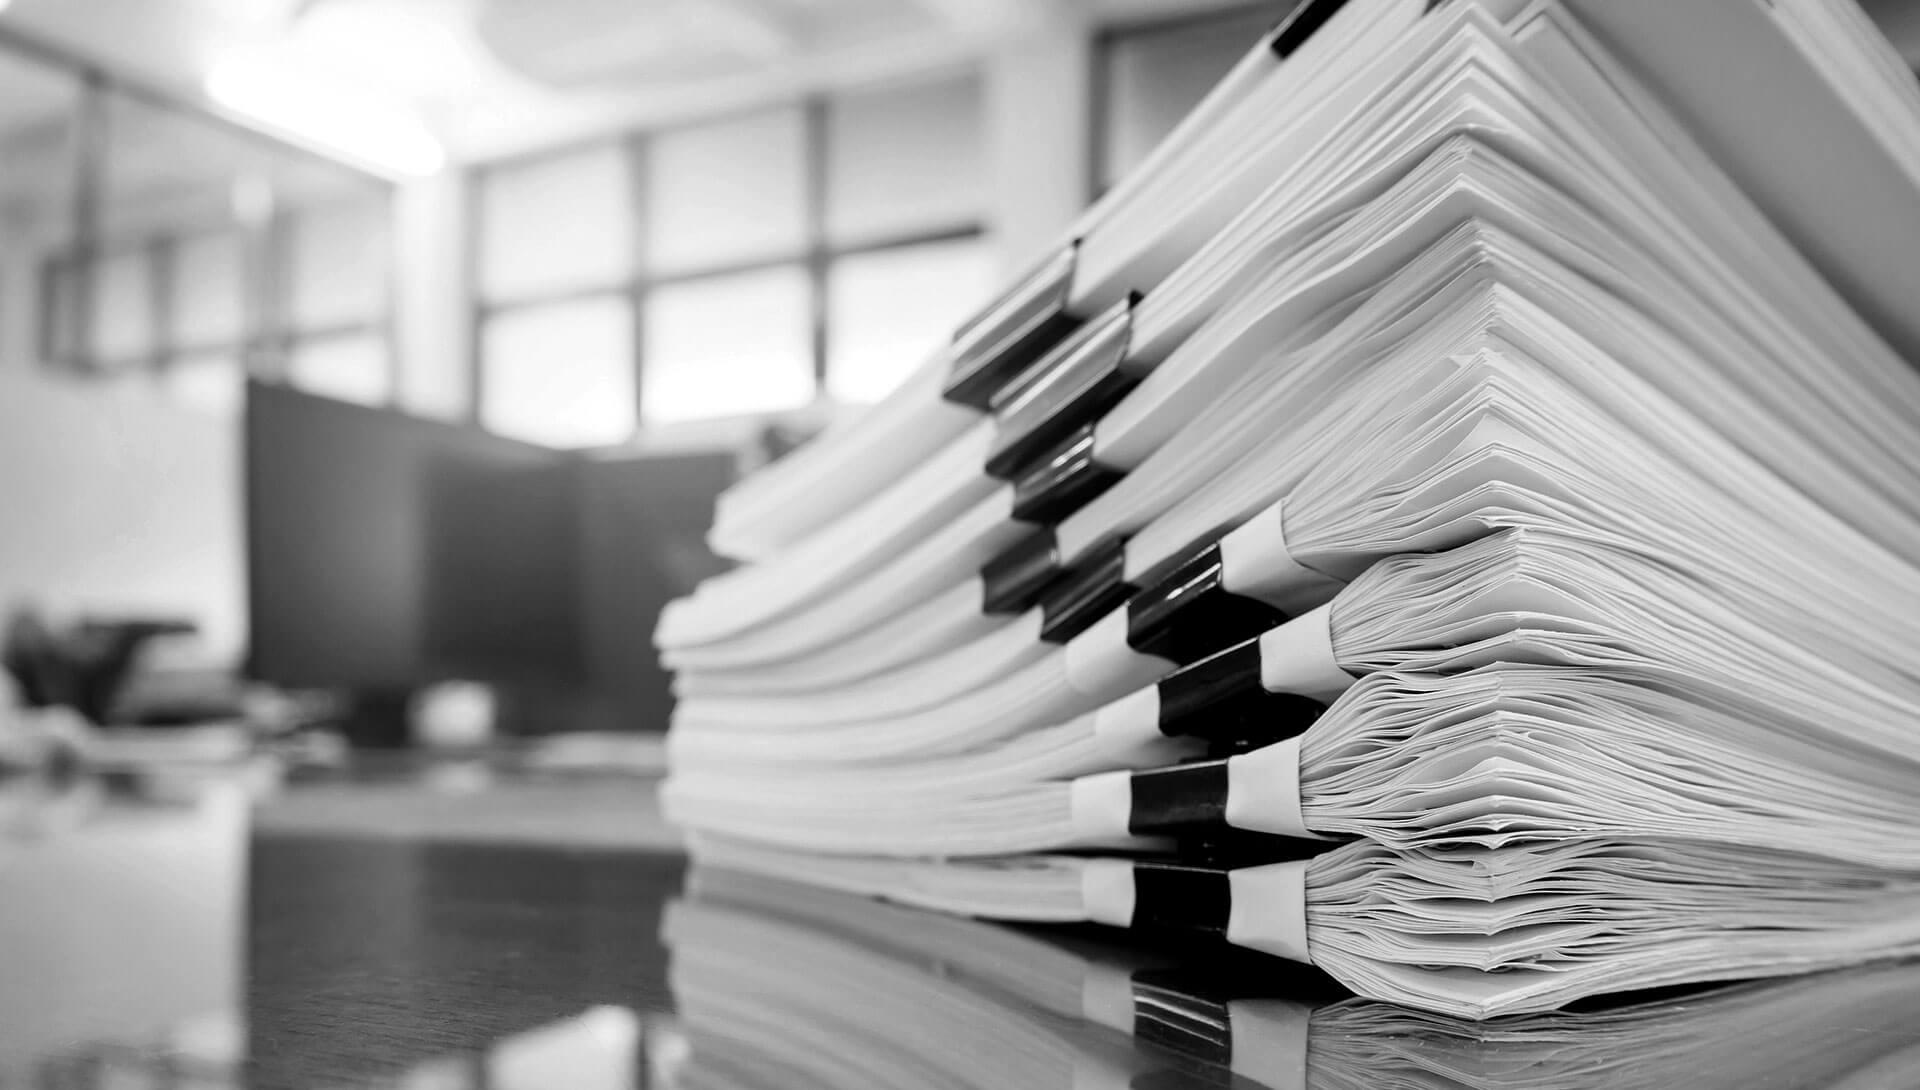 Extension du délai de report de la déclaration TVA de mars ou du 1er trimestre 2021 – 16 avril 2021